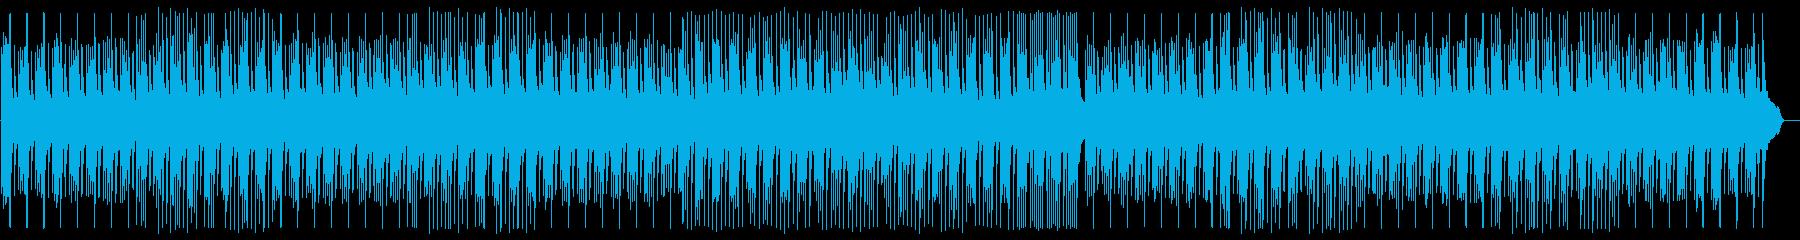 わくわくするファンタジックな音色の再生済みの波形